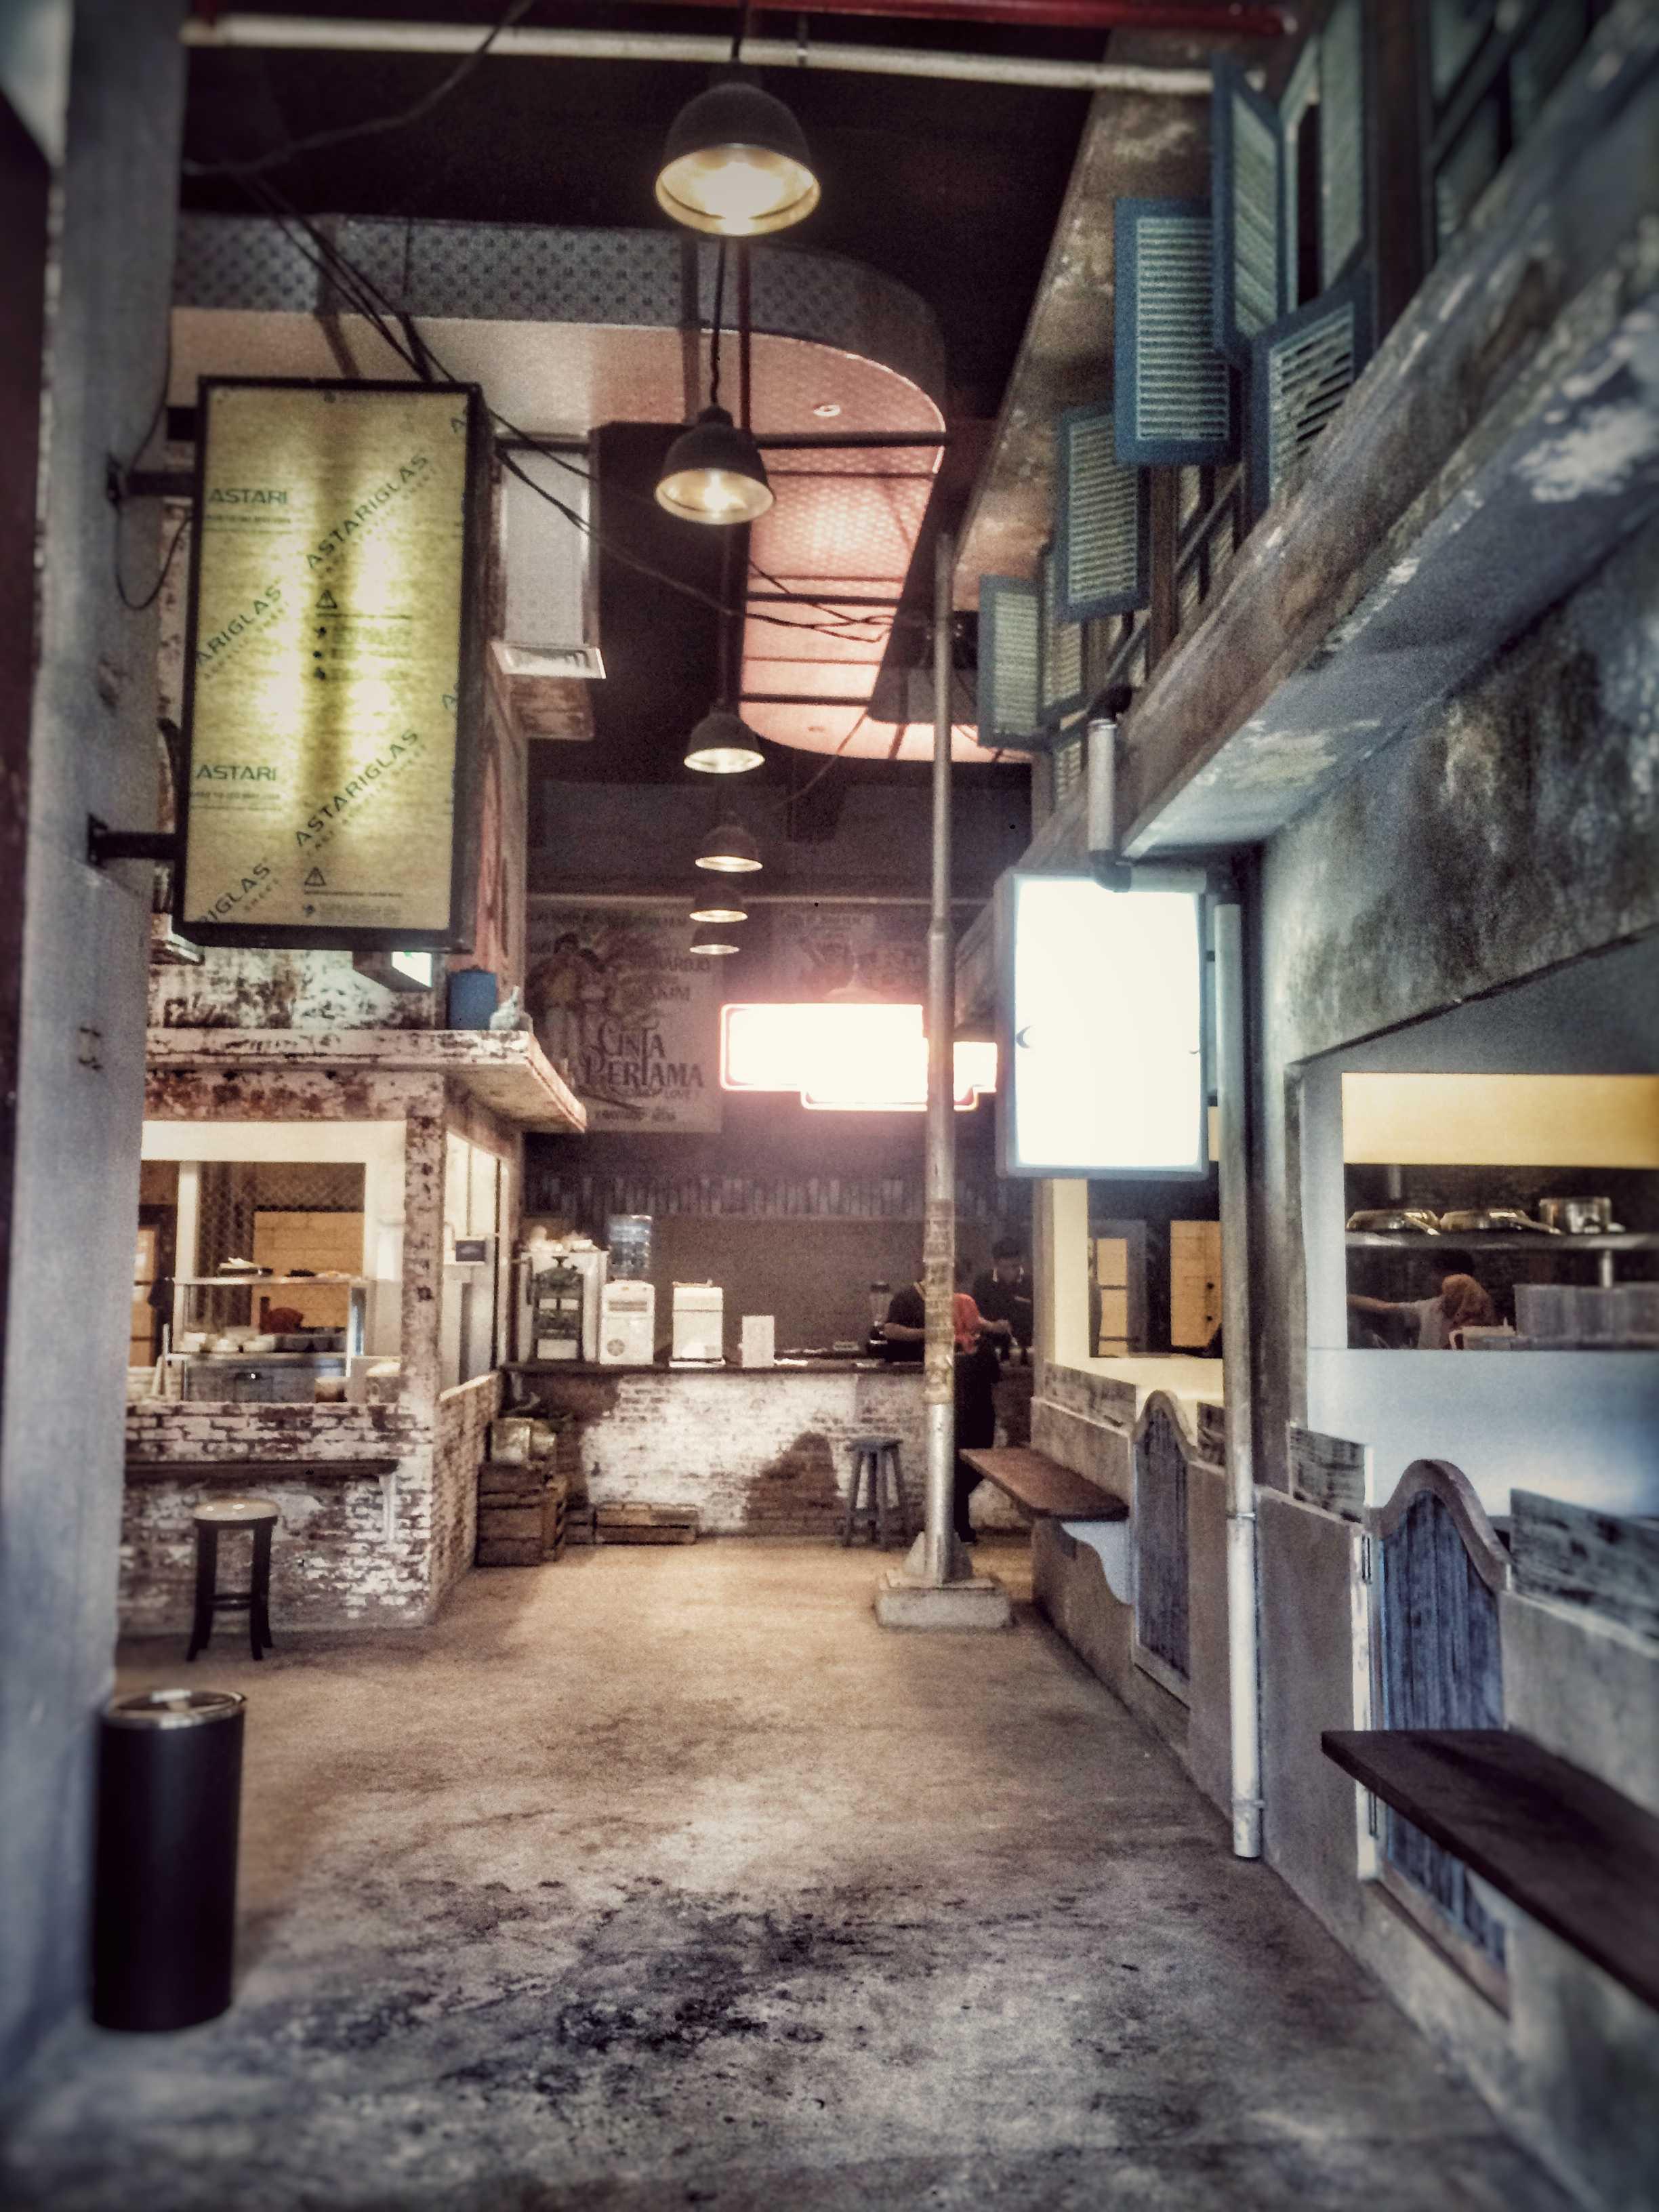 Pt. Labblu Creatif Ide Tangkiwood Foodhall Bekasi, West Java, Indonesia  Bekasi, West Java, Indonesia  Foodhall-Area   17184